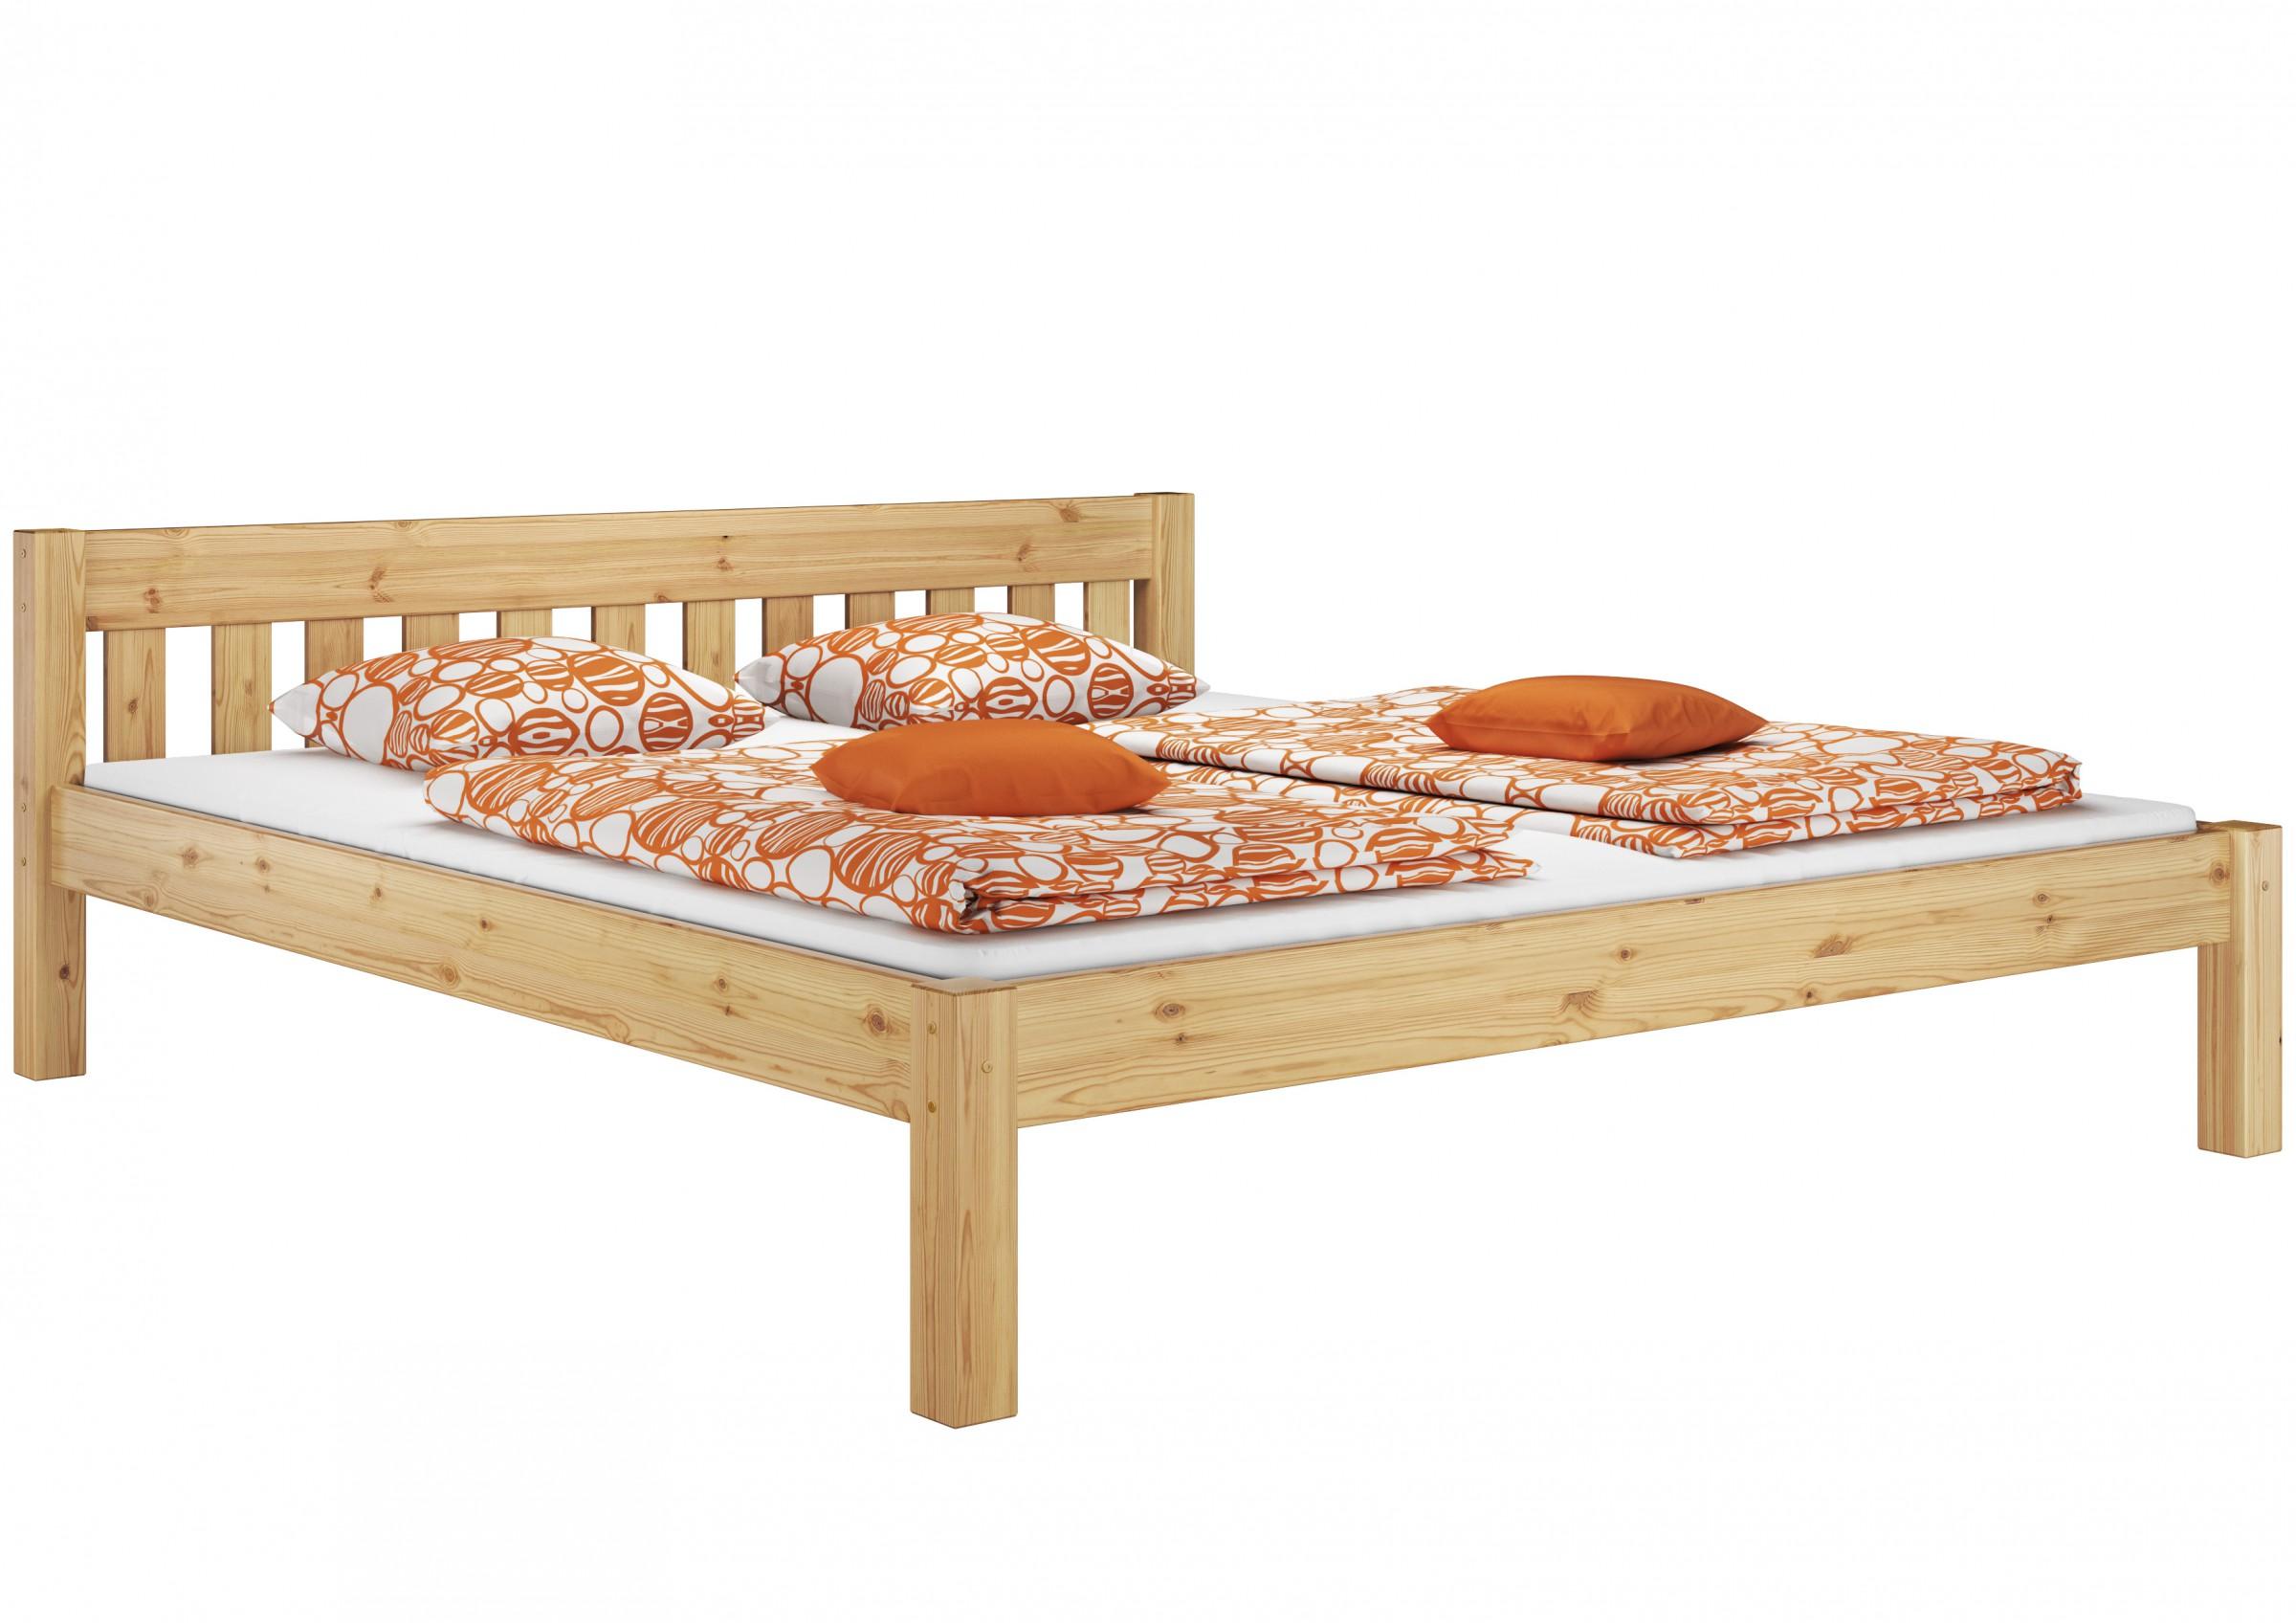 doppelbett futonbett massivholz bett 180x200 cm kiefer. Black Bedroom Furniture Sets. Home Design Ideas